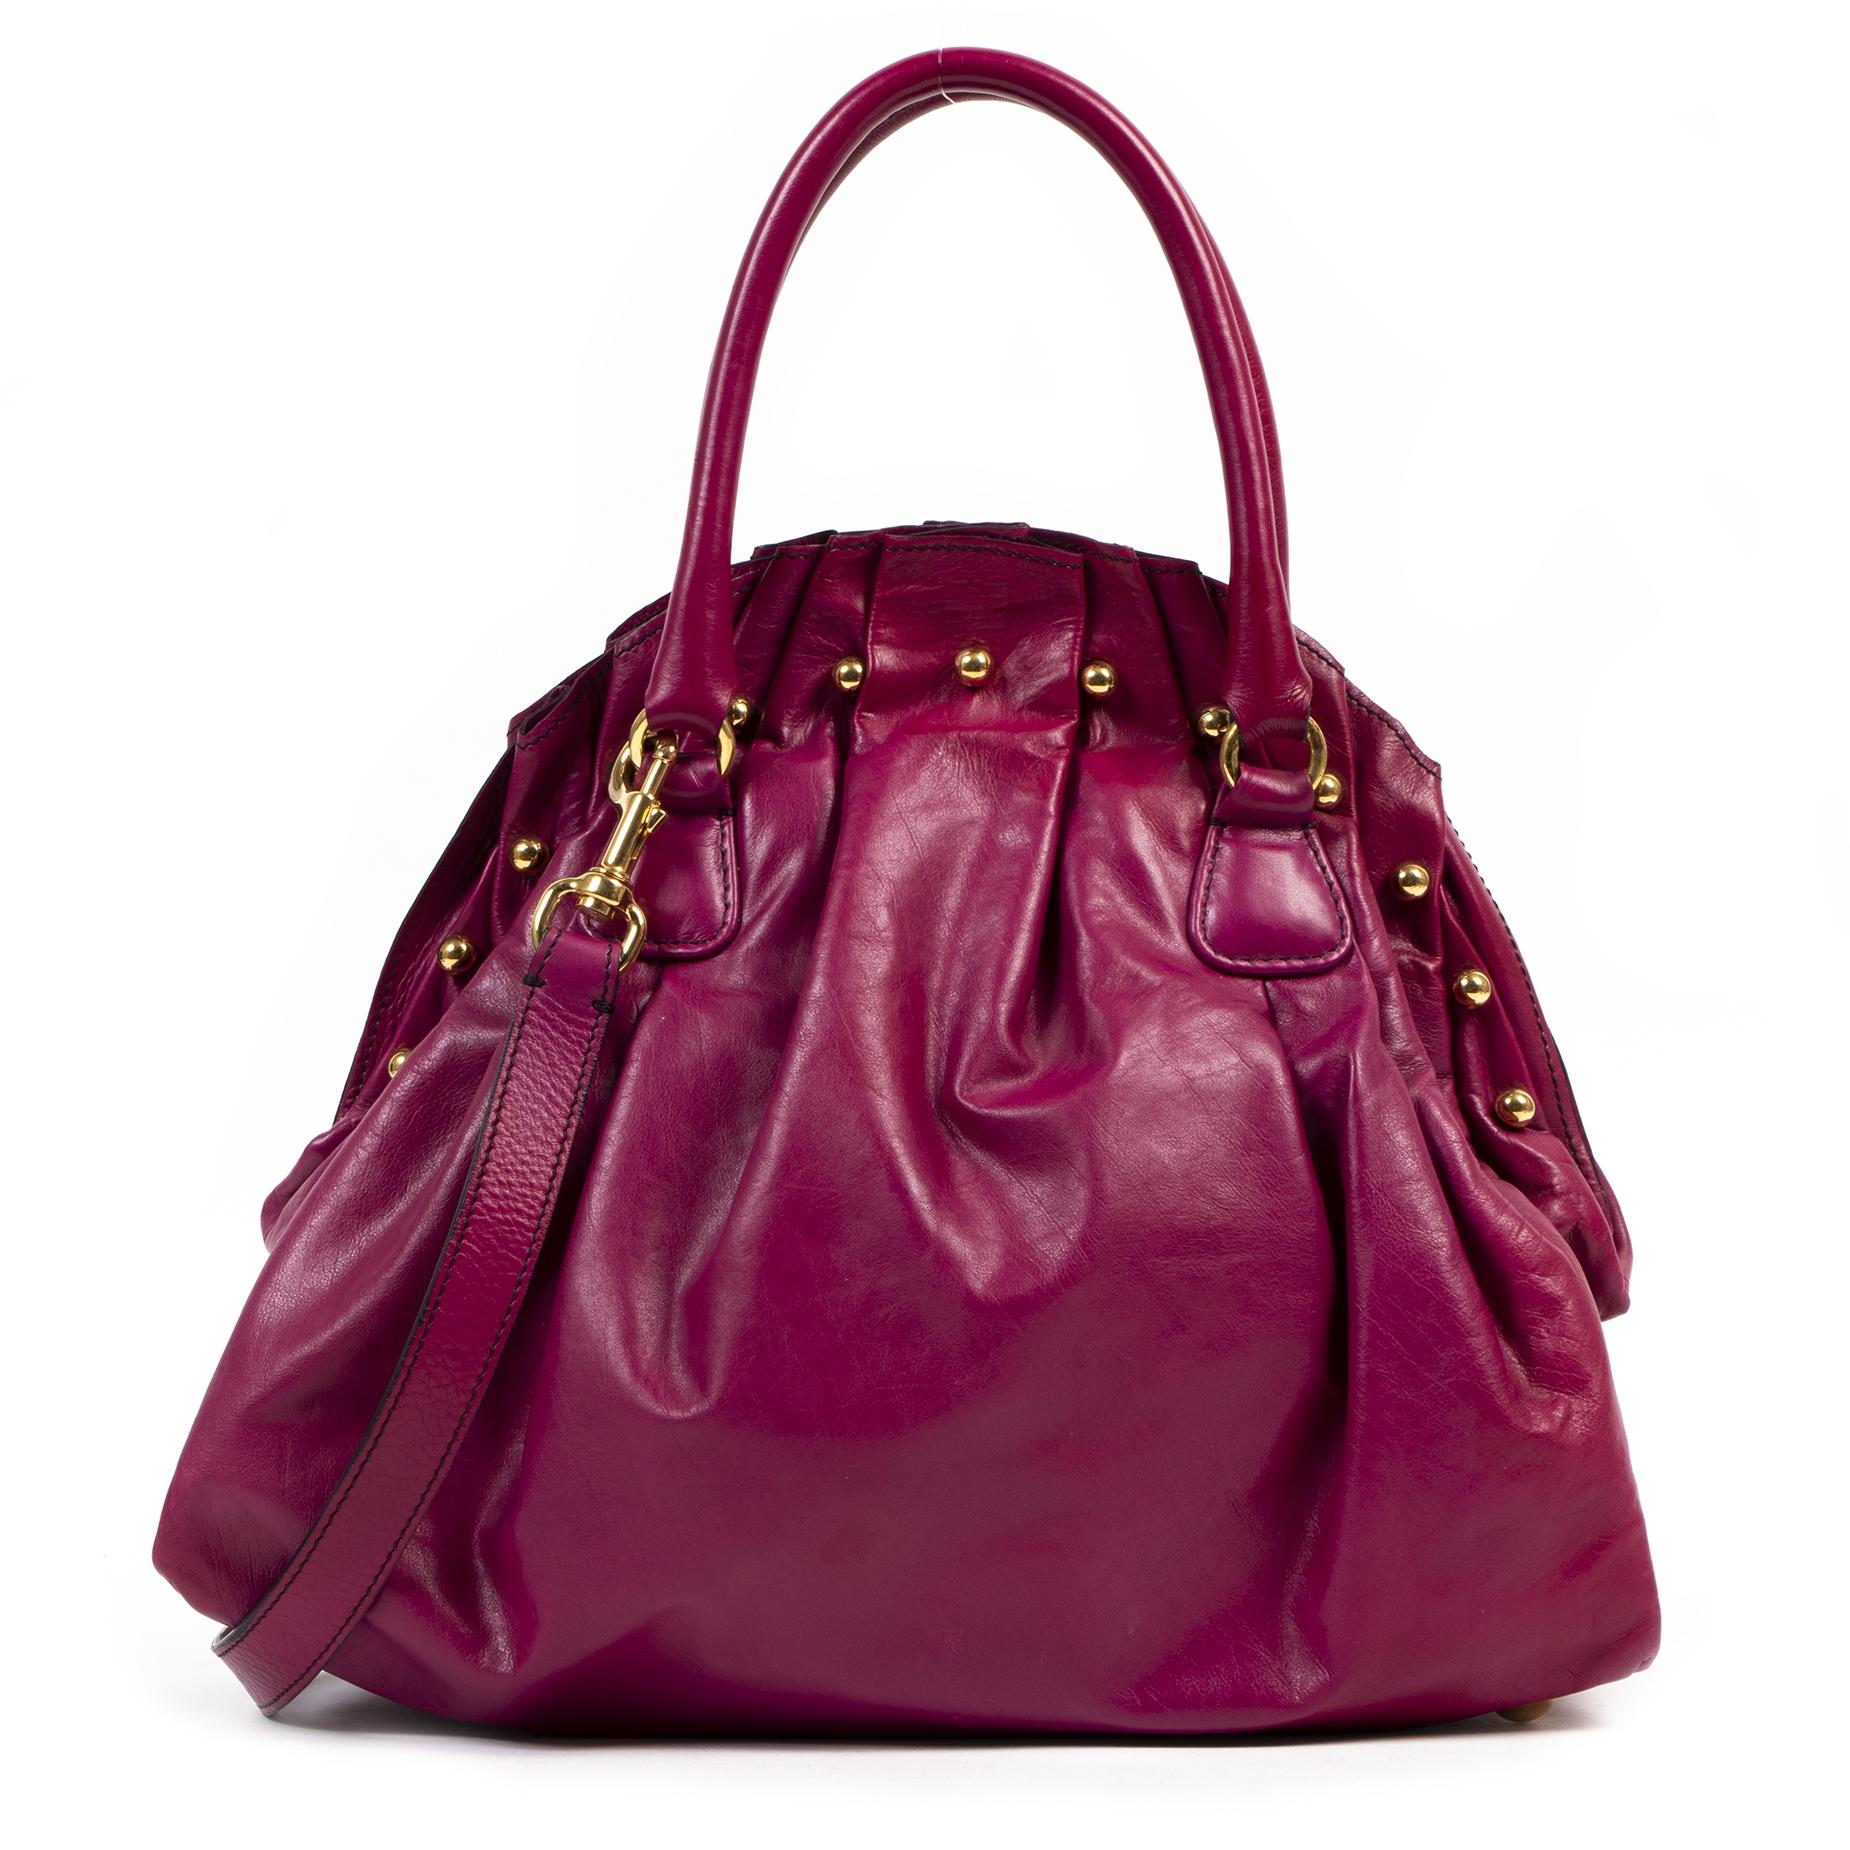 Authentieke Tweedehands Valentino Fuchsia Leather Large Clasp Bag juiste prijs veilig online shoppen luxe merken webshop winkelen Antwerpen België mode fashion